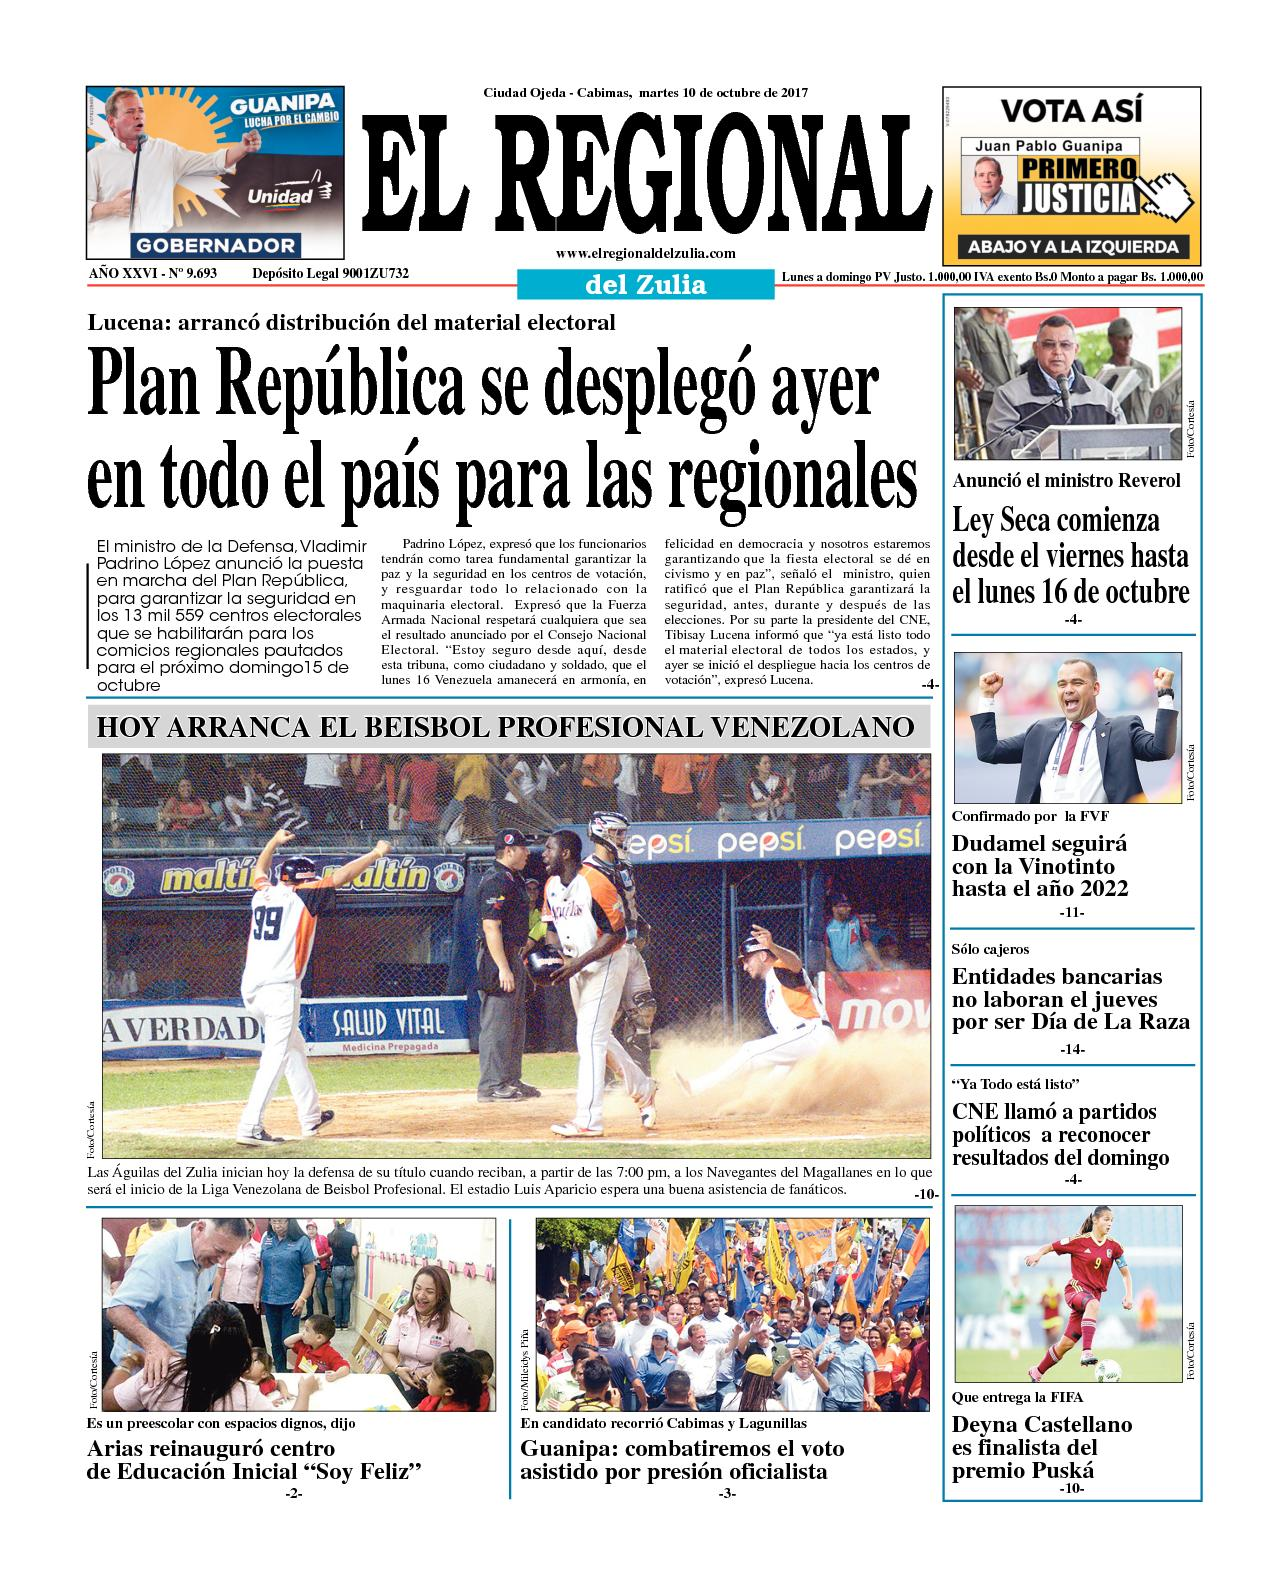 El regional del zulia 10-10-2017